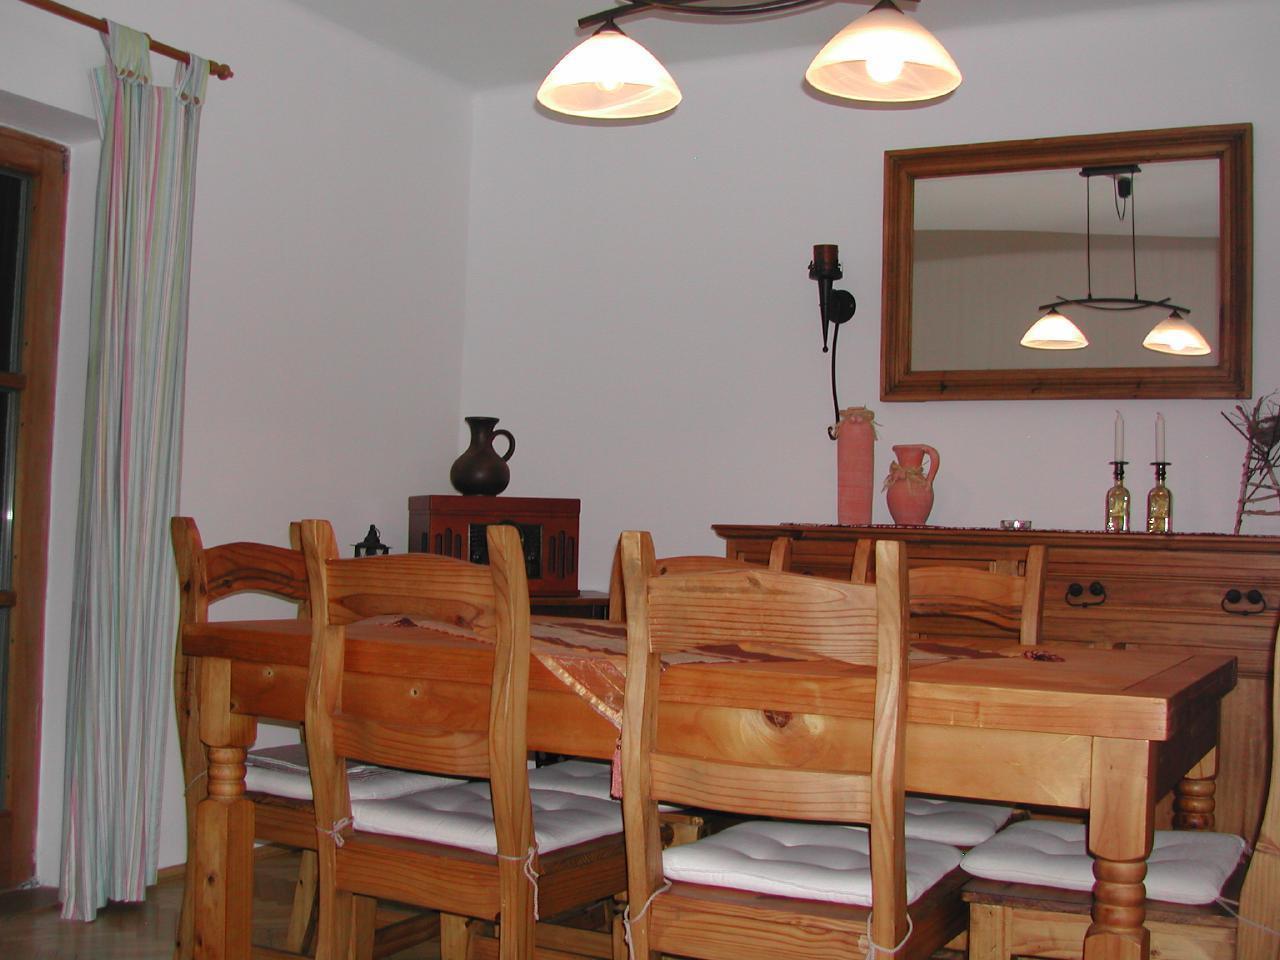 Maison de vacances Gemütliches Ferienhaus in traumhafter Lage (866360), Lofer, Pinzgau, Salzbourg, Autriche, image 7